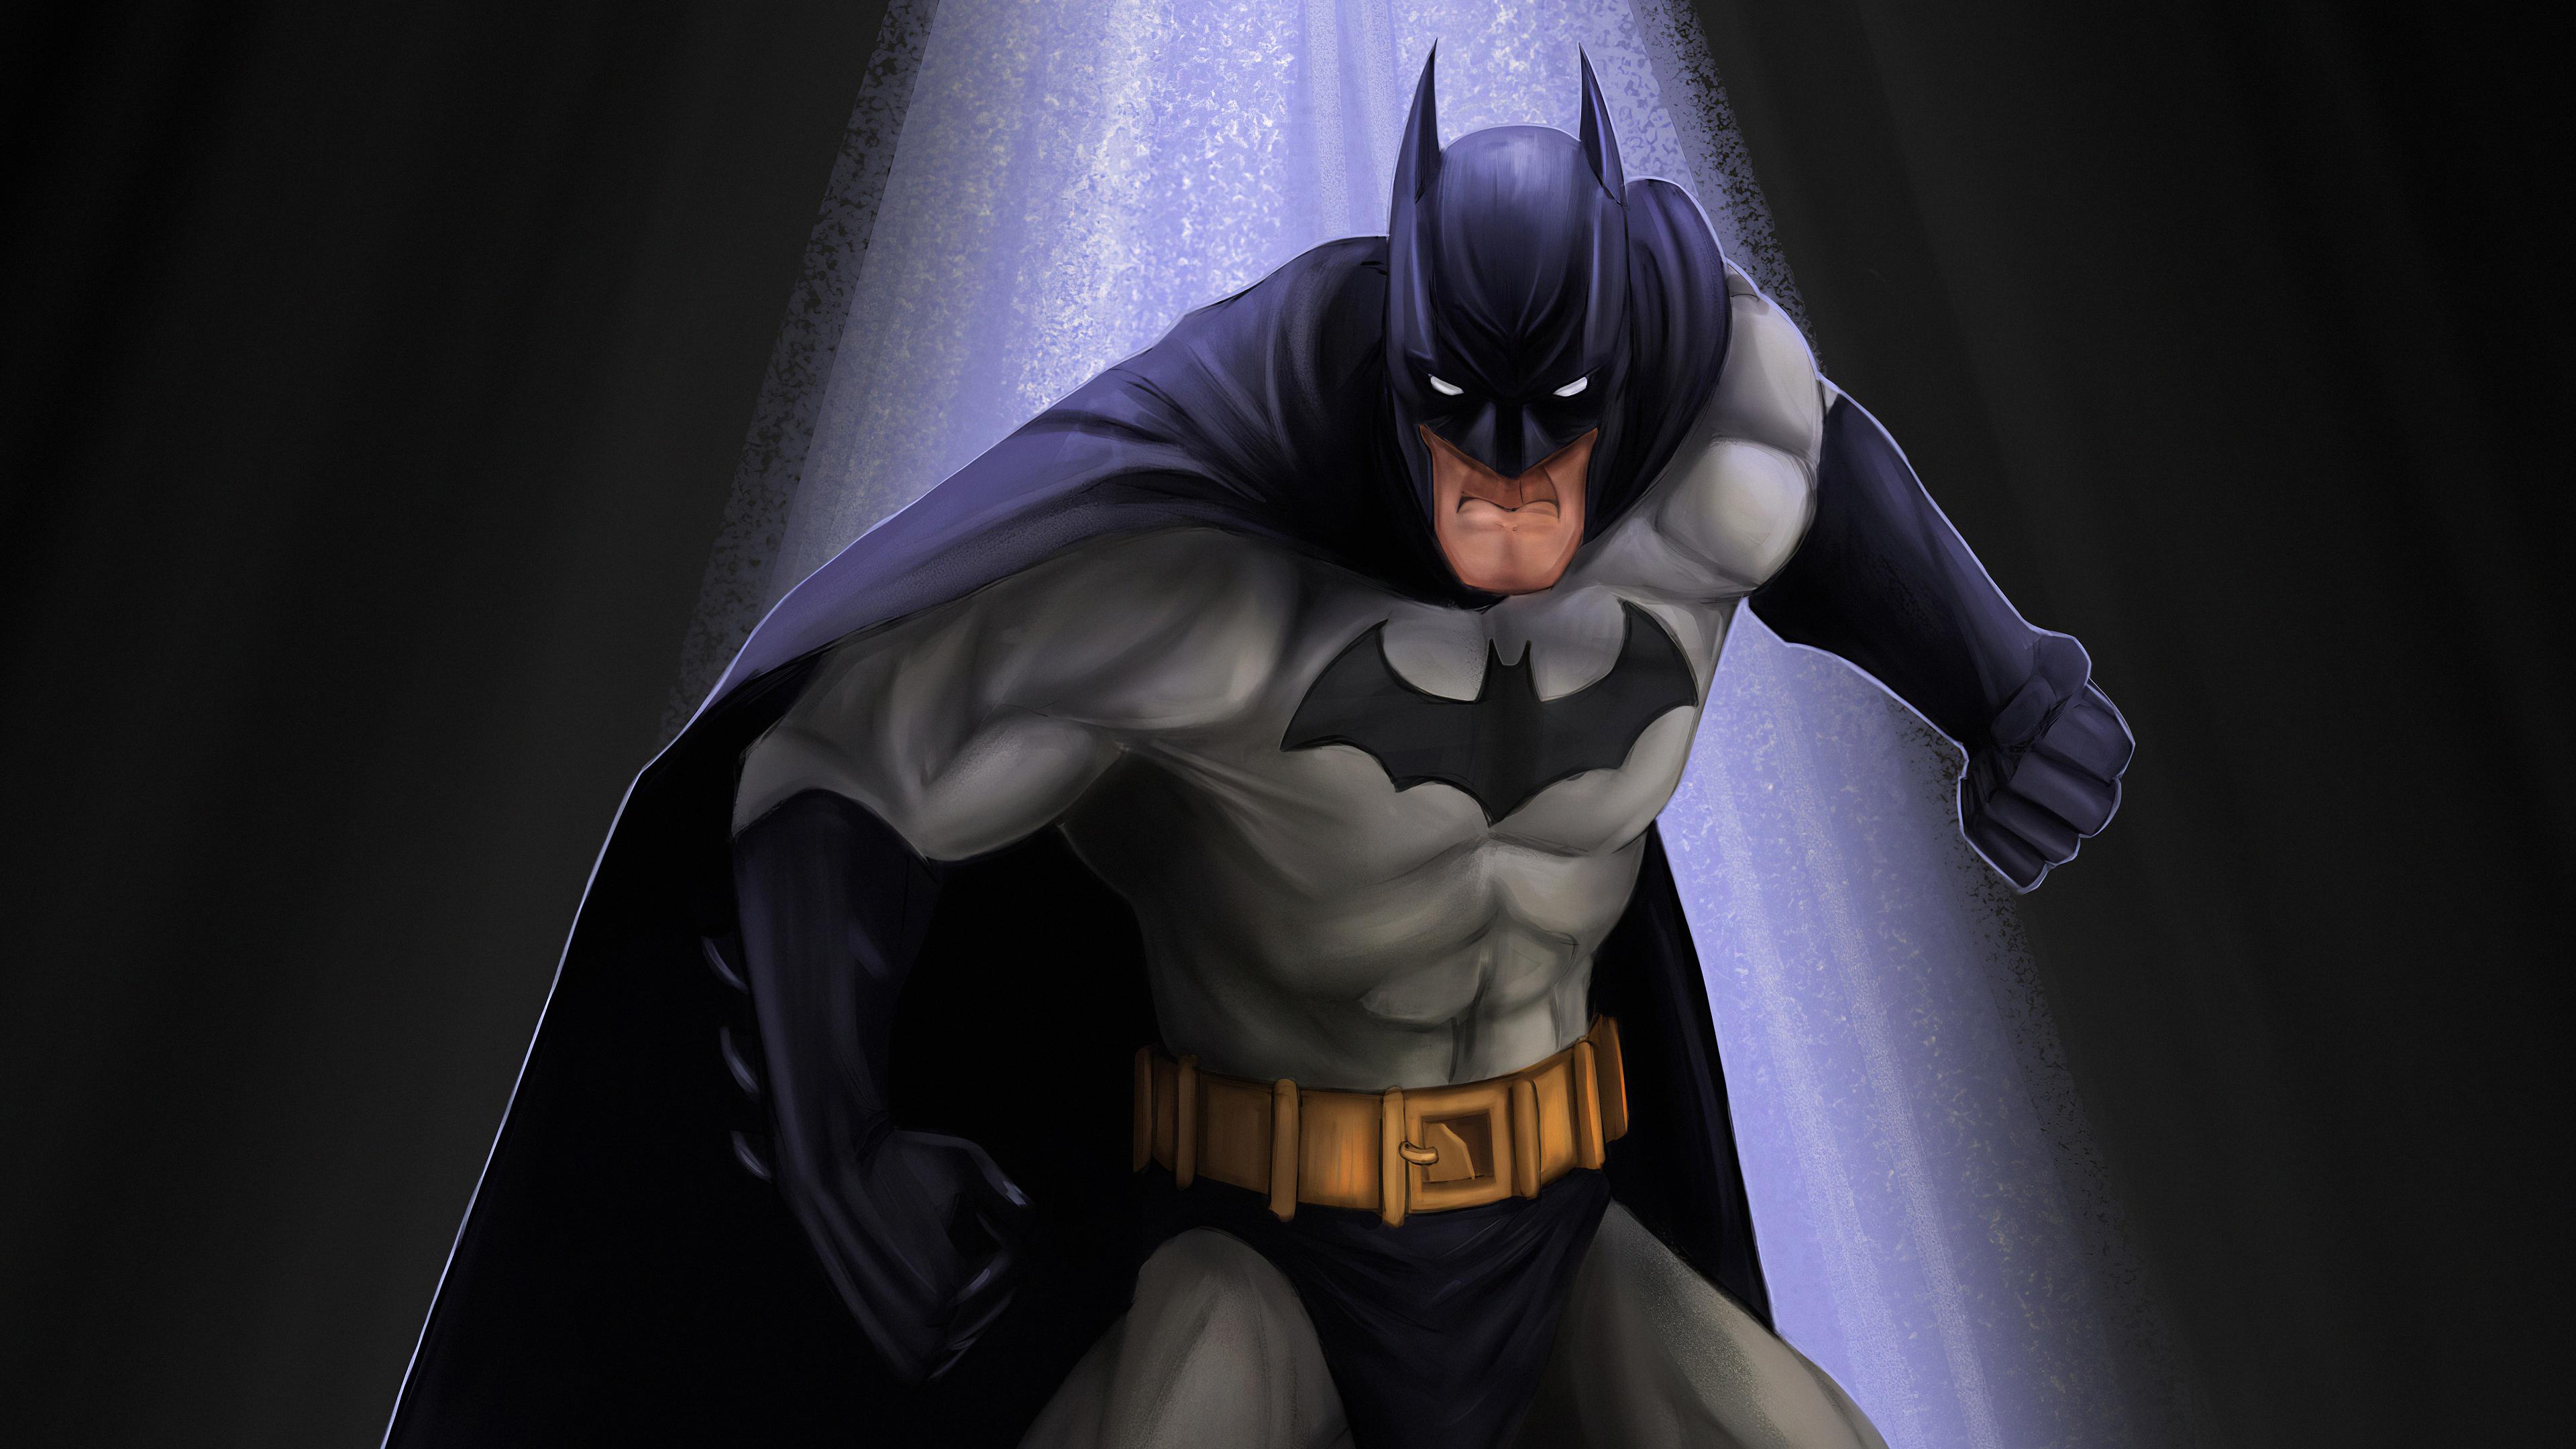 batman fan art 1576093354 - Batman Fan Art - dark knight wallpaper 4k, batman wallpaper phone hd 4k, batman wallpaper 4k, batman art wallpaper 4k, Batman 4k hd wallpaper